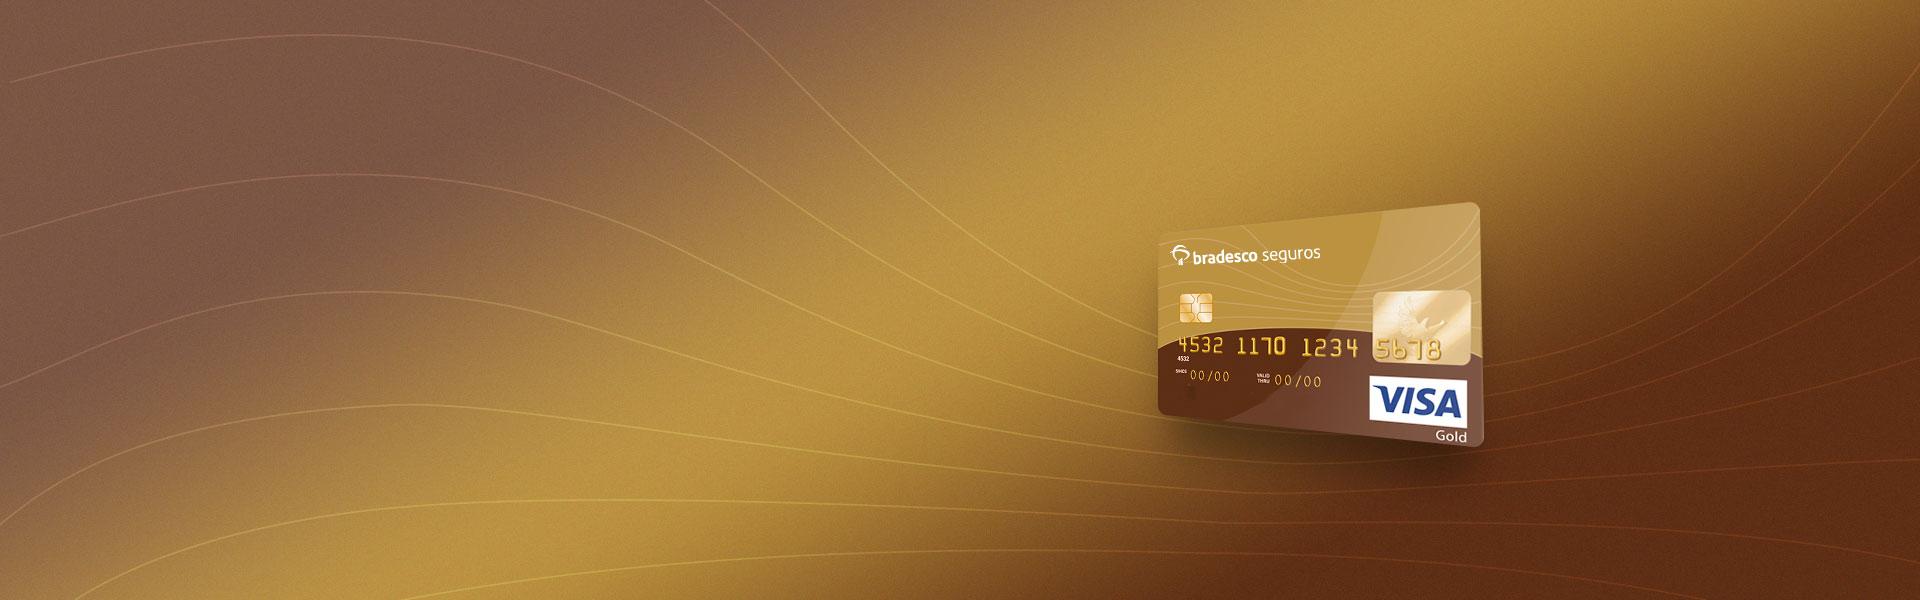 Detalhes - Cartão Visa Gold Bradesco Seguros